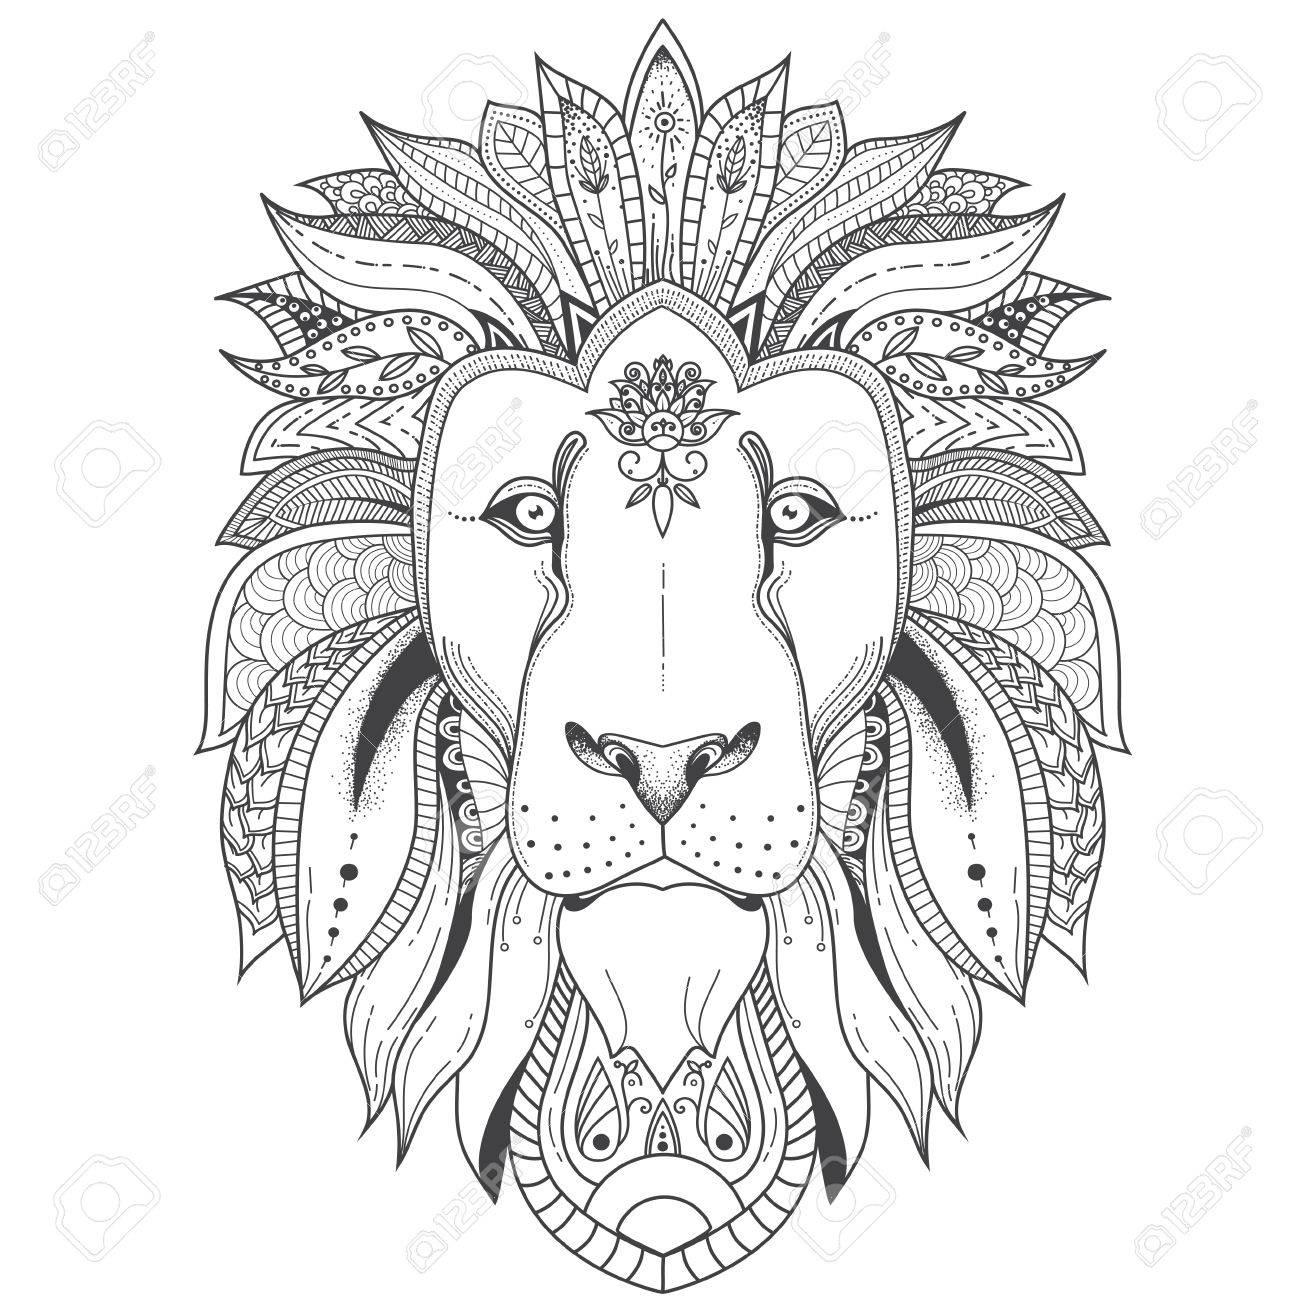 Illustration Des Löwen Mit Stammes Mandala Muster Gebrauch Für